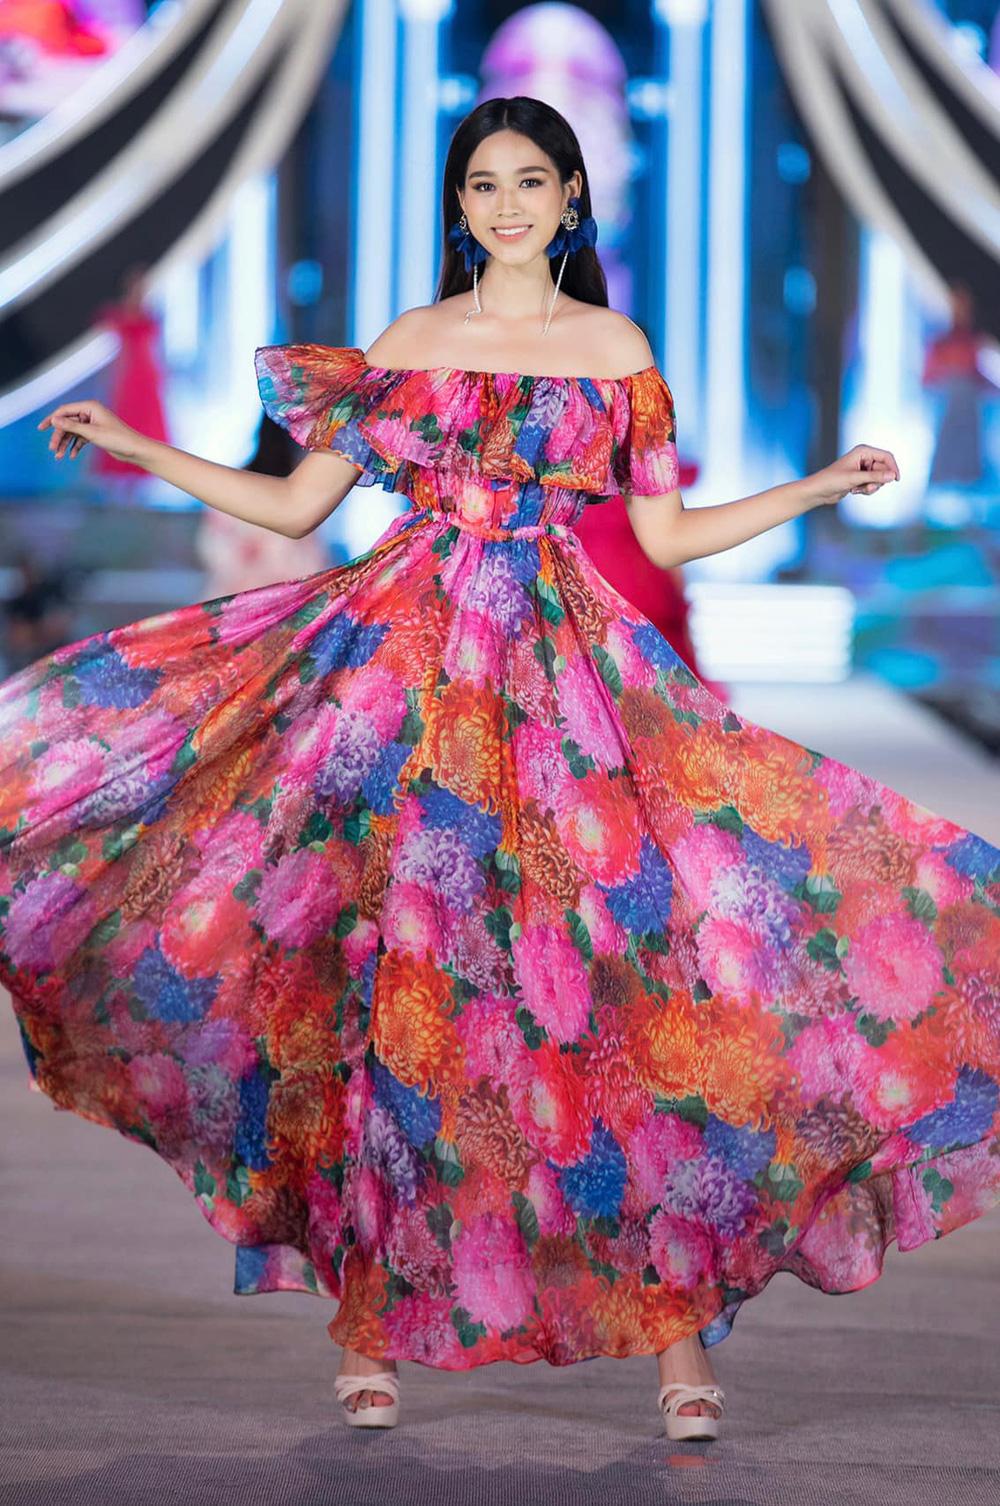 Hành trình từ nữ sinh Thanh Hóa đến tân Hoa hậu Việt Nam 2020 của Đỗ Thị Hà - Ảnh 13.